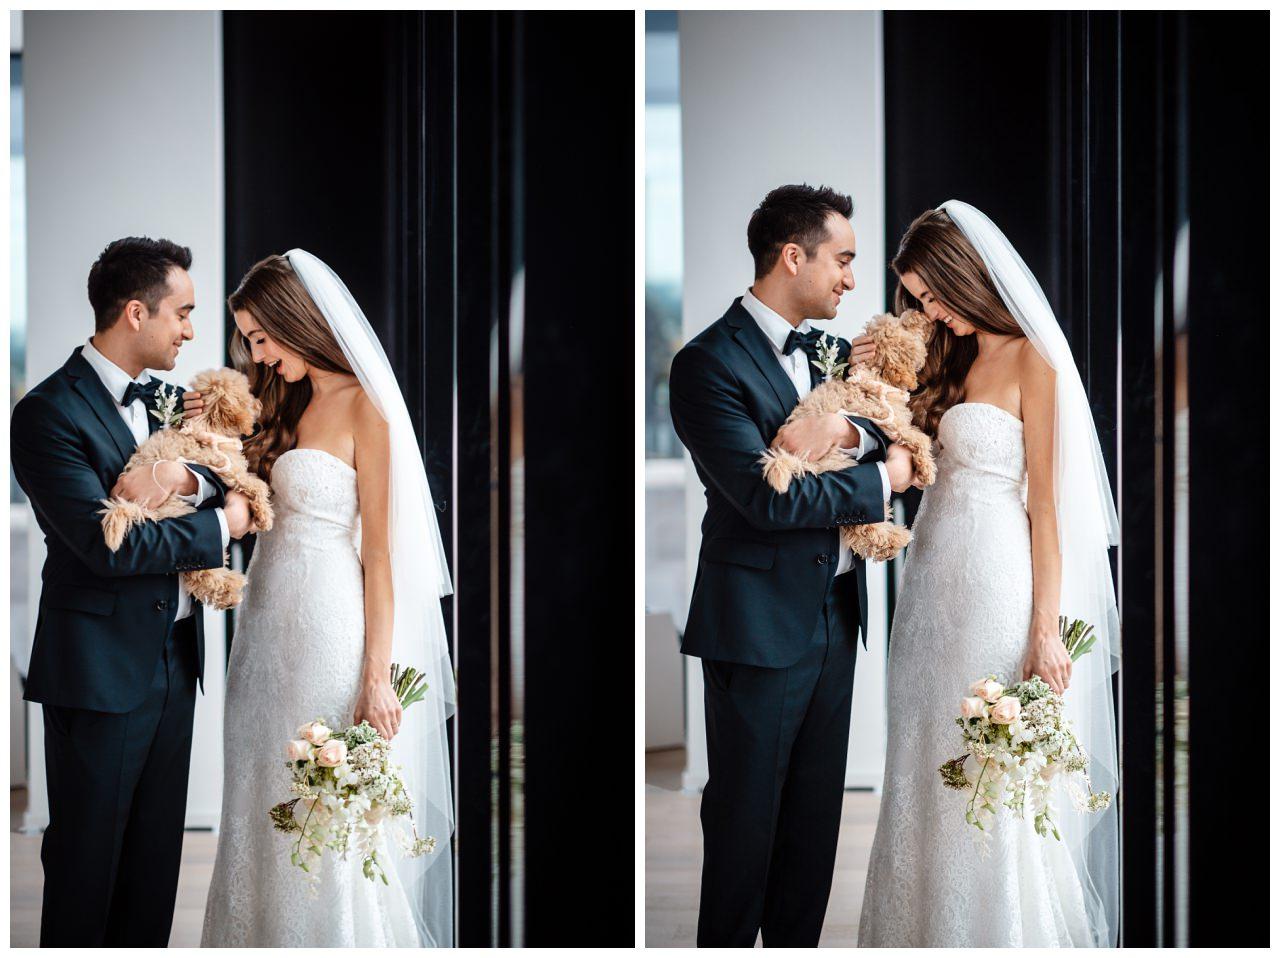 hochzeitsfotos düsseldorf hochzeitsfotograf shooting hund haustier 47 - Hochzeitsfotos in Düsseldorf